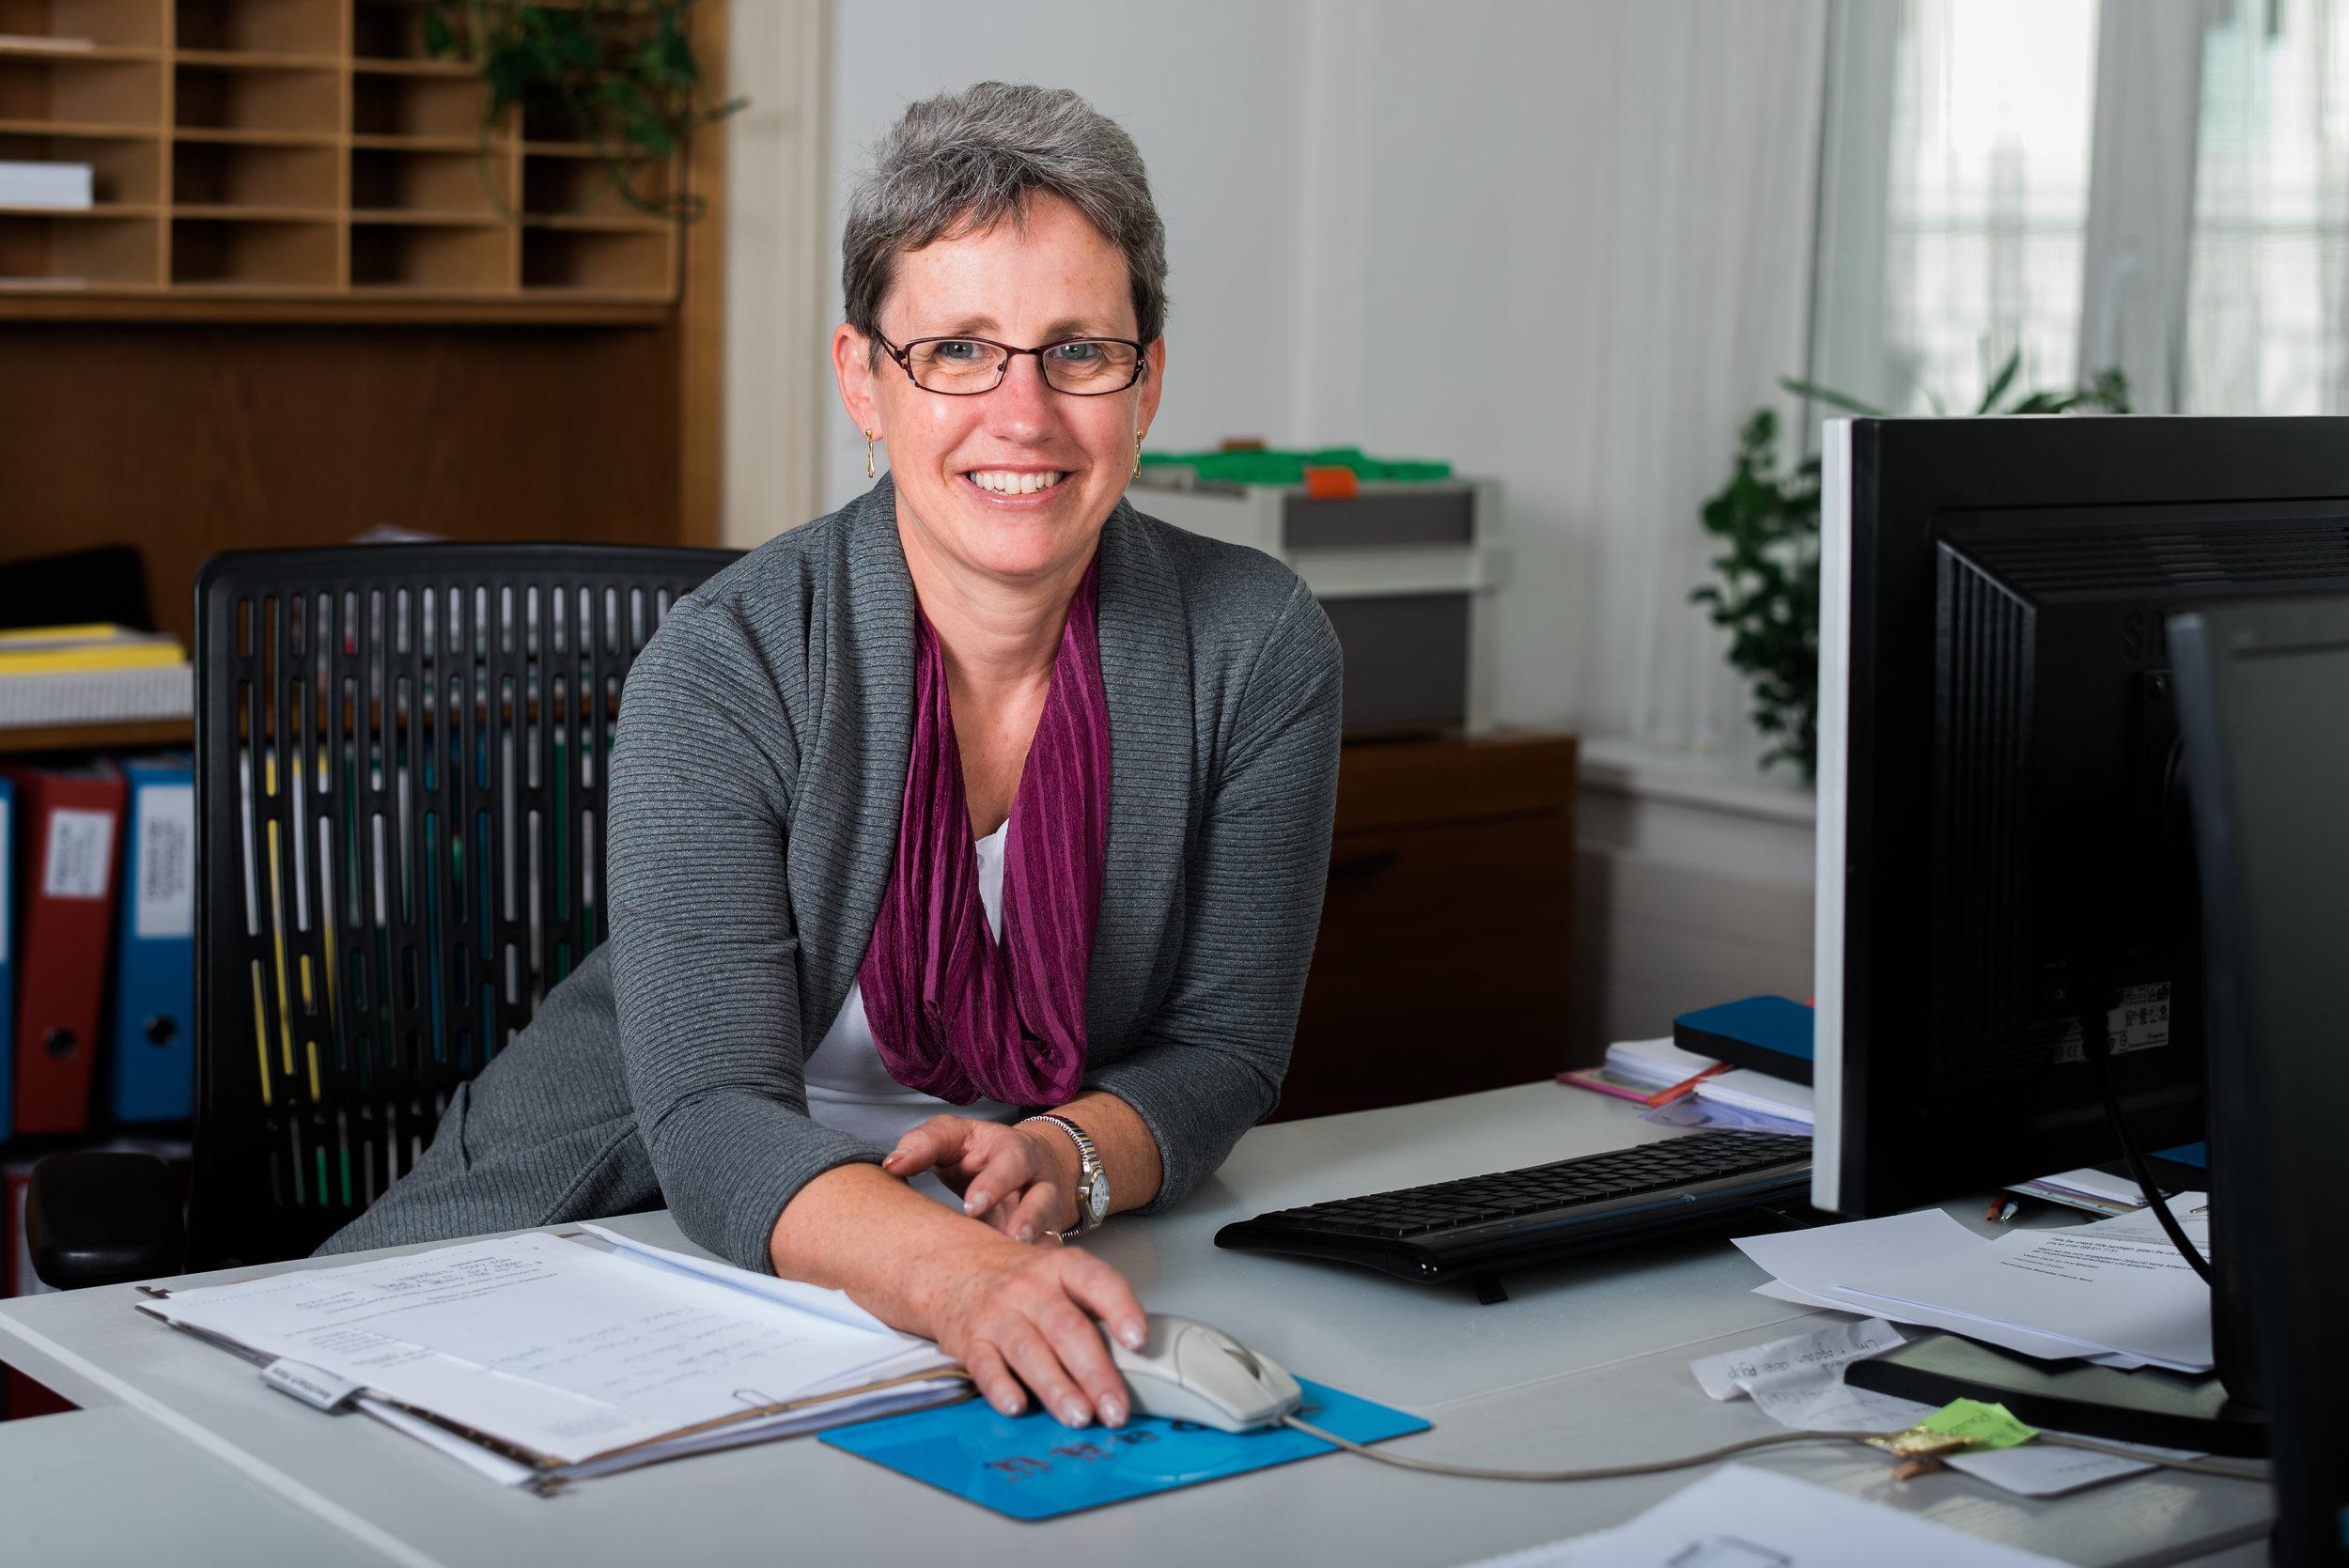 Anna Noi-Hefti - Seit 2004 gehört Anna Noi-Hefti zum Team von RHS&P. Neben den allgemeinen Sekretariatsarbeiten wie Empfang der Klienten, Korrespondenz und Bedienung der Telefonzentrale kümmert sie sich um alles, was die Arbeitsabläufe im Kanzleialltag erleichtern. Ausserdem unterstützt sie die Anwältinnen und Anwälte bei Willensvollstrecker-Mandaten.rhs@rhslawyers.ch